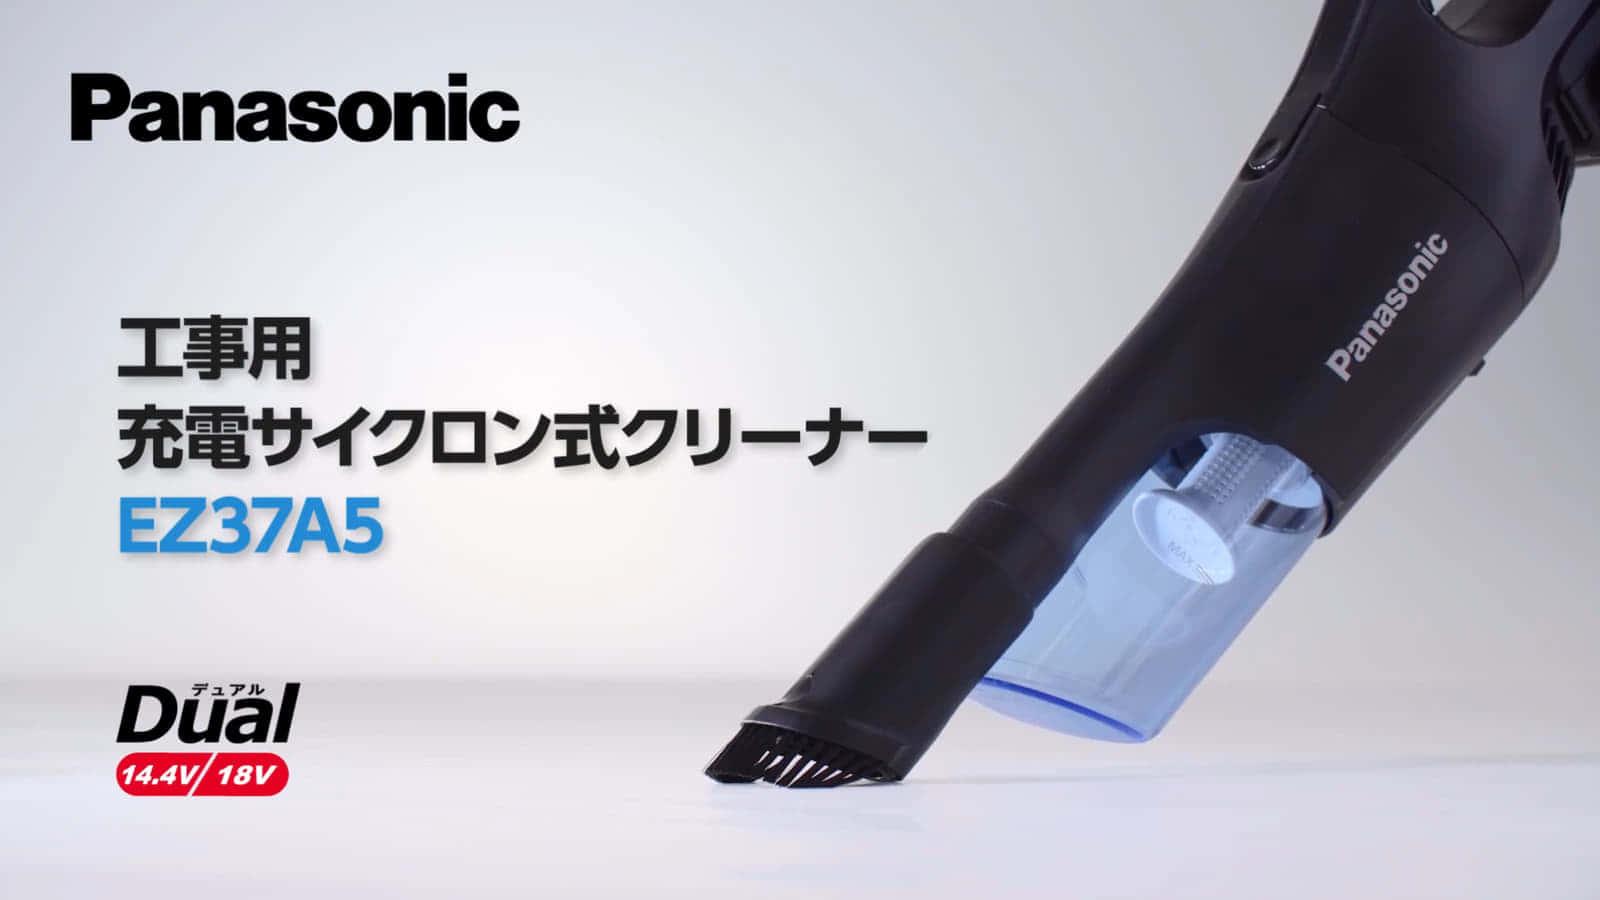 Panasonic EZ37A5 工事用充電式クリーナーが発売、サイクロンアタッチメントも別売